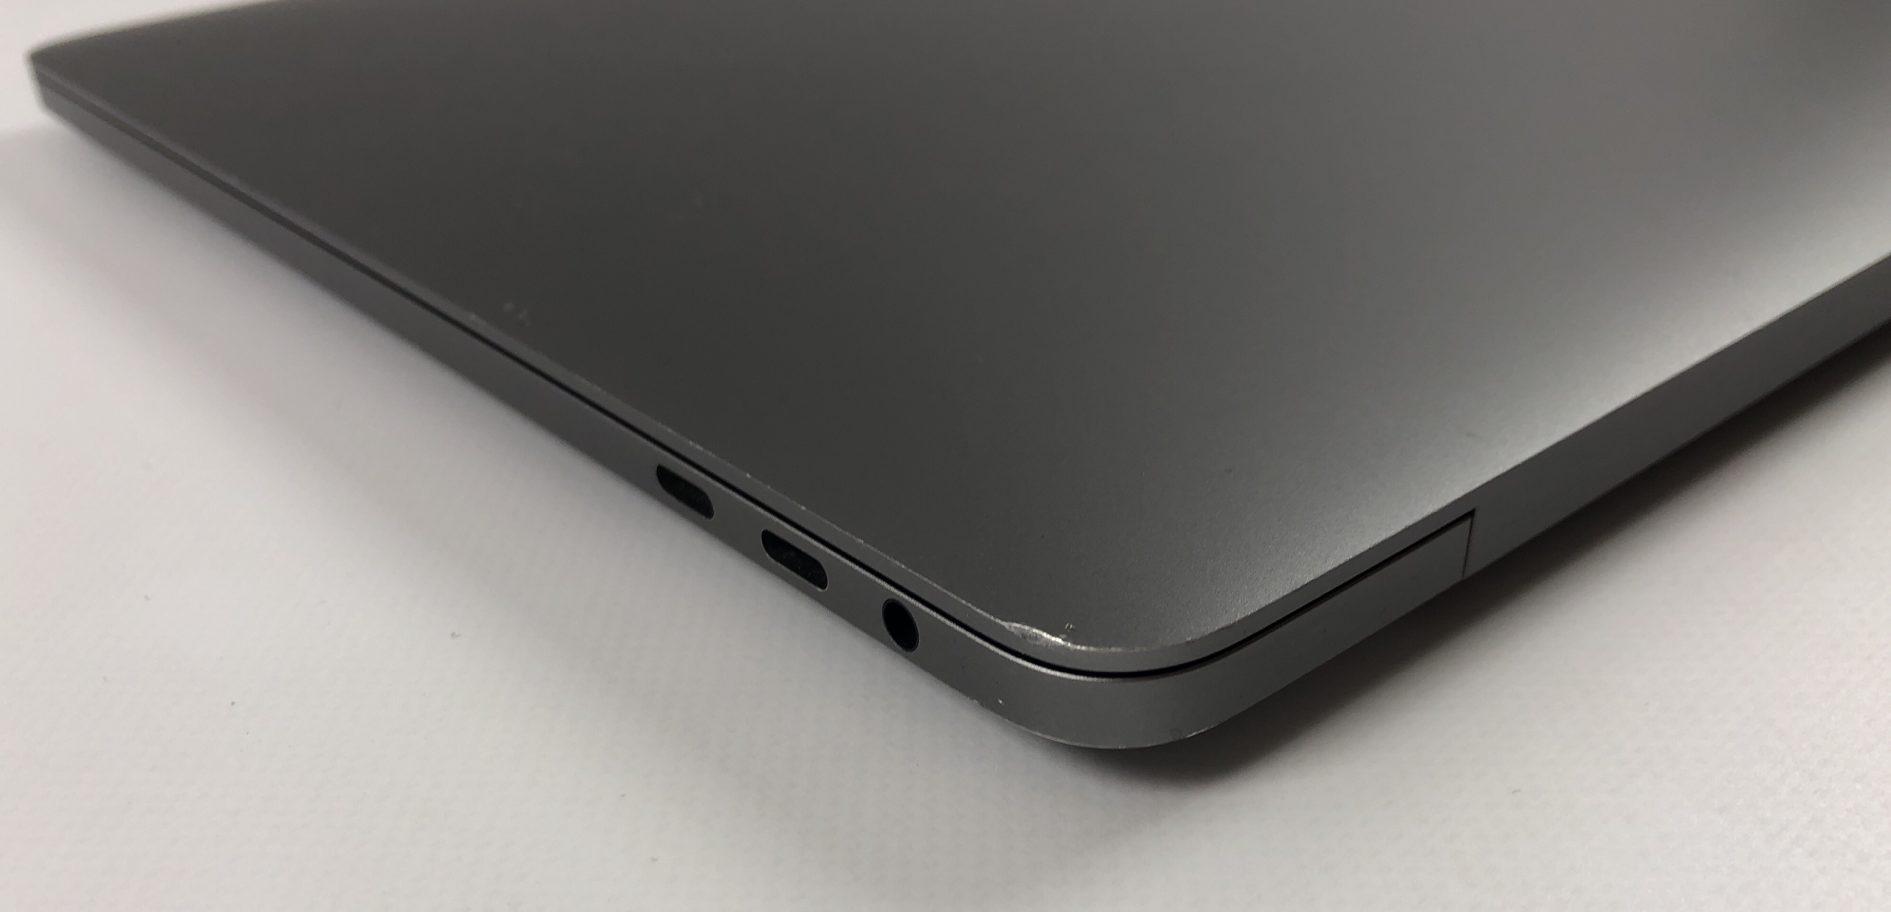 """MacBook Pro 15"""" Touch Bar Mid 2017 (Intel Quad-Core i7 3.1 GHz 16 GB RAM 1 TB SSD), Space Gray, Intel Quad-Core i7 3.1 GHz, 16 GB RAM, 1 TB SSD, Kuva 3"""